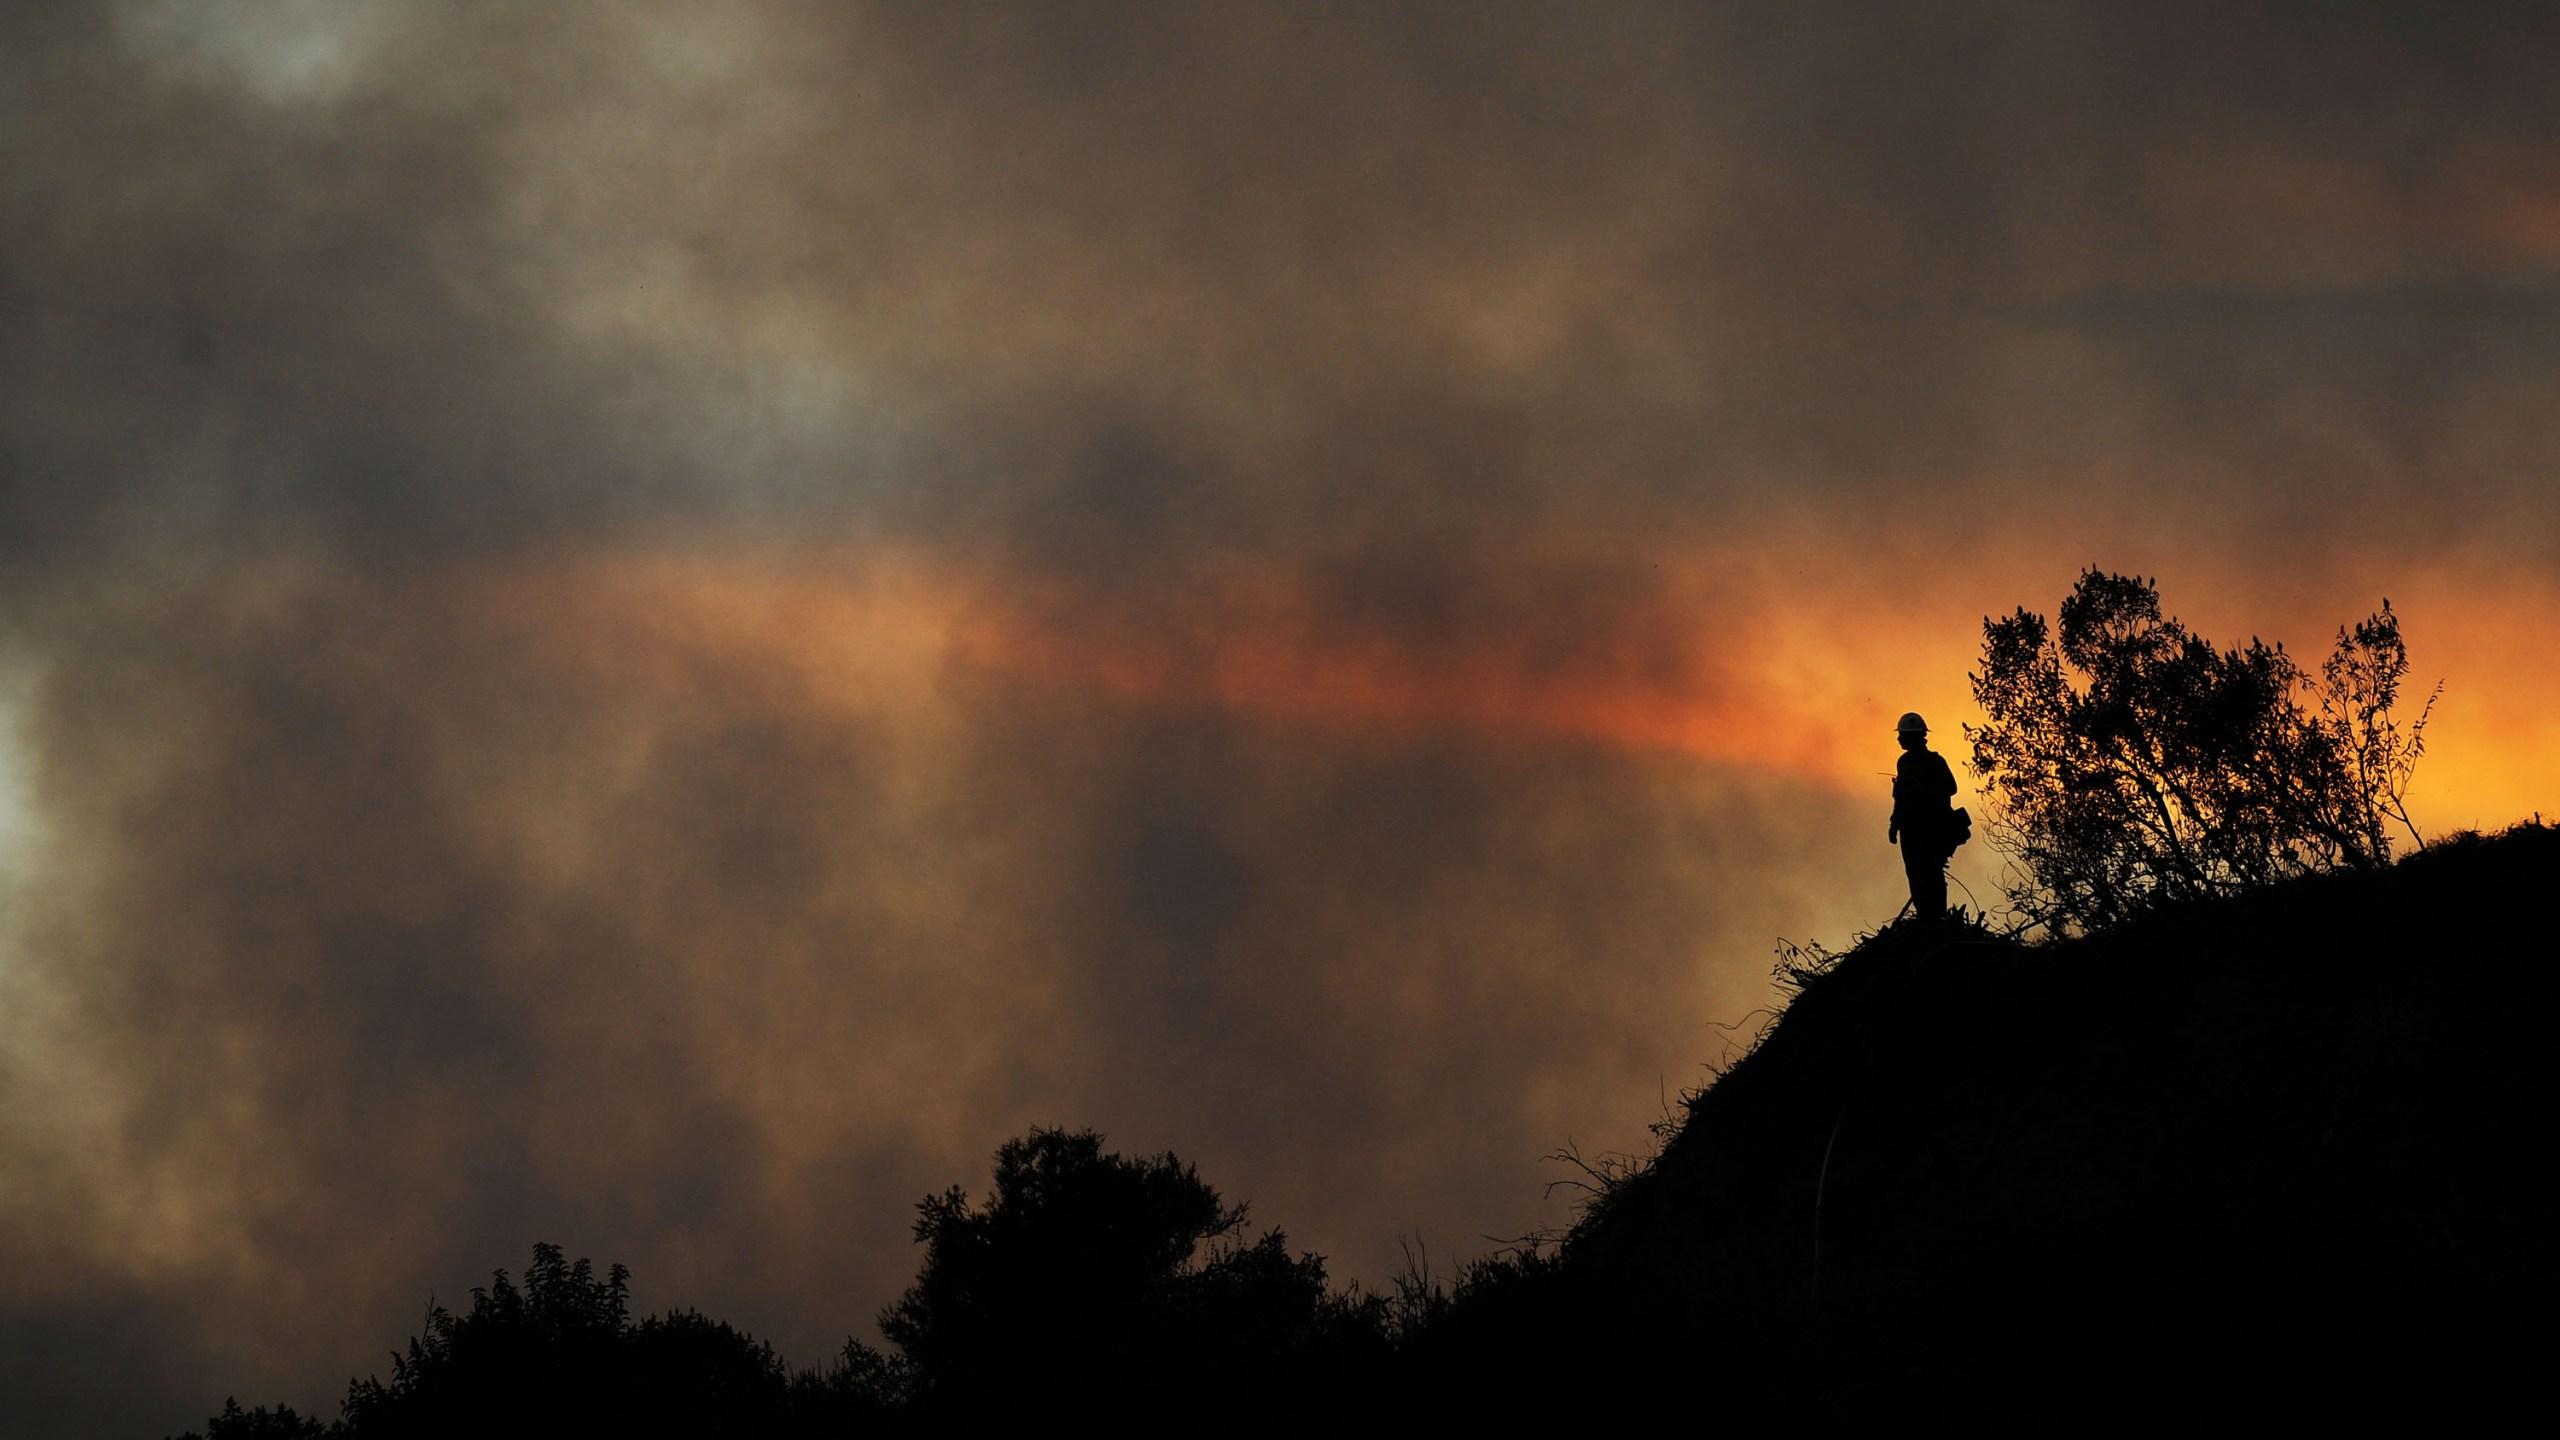 U.S. Forest Service firefighters battle the Angeles Crest Station Fire along the Angeles Crest Highway in La Canada Flintridge on August 28, 2009 in Los Angeles, California. (Credit: Kevork Djansezian/Getty Images)